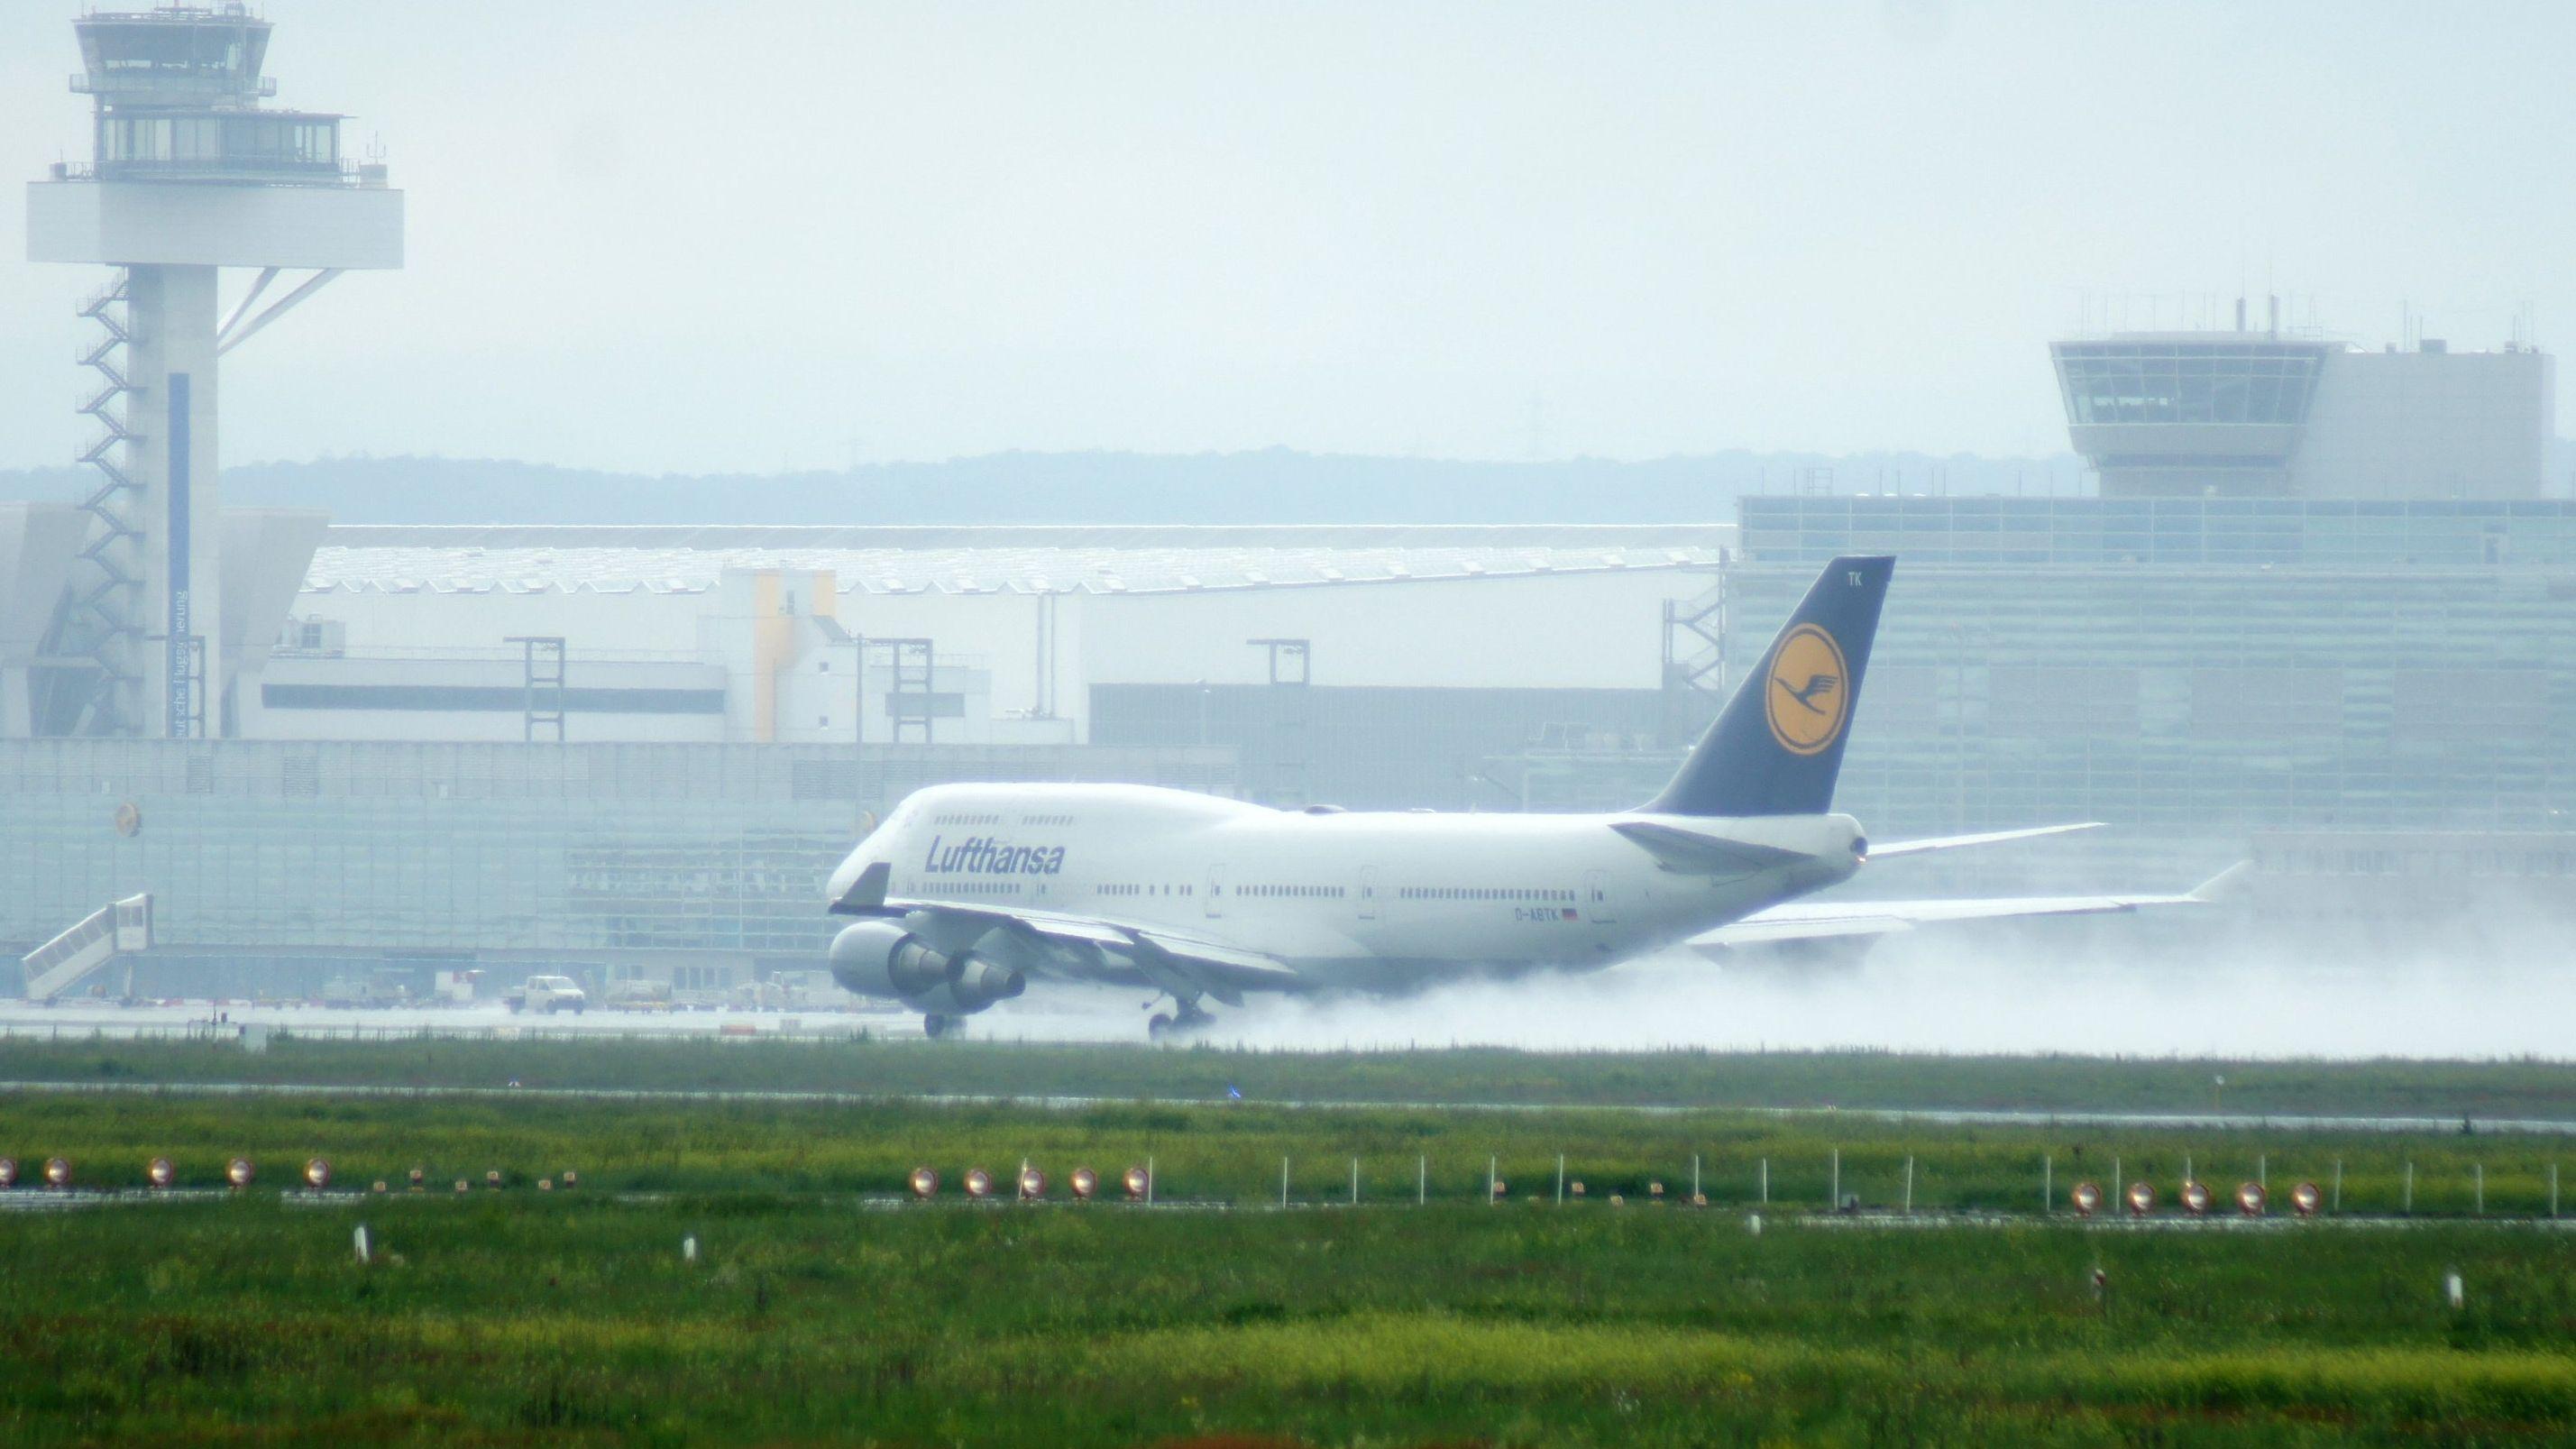 Landender Jumbo auf dem Flughafen Frankfurt